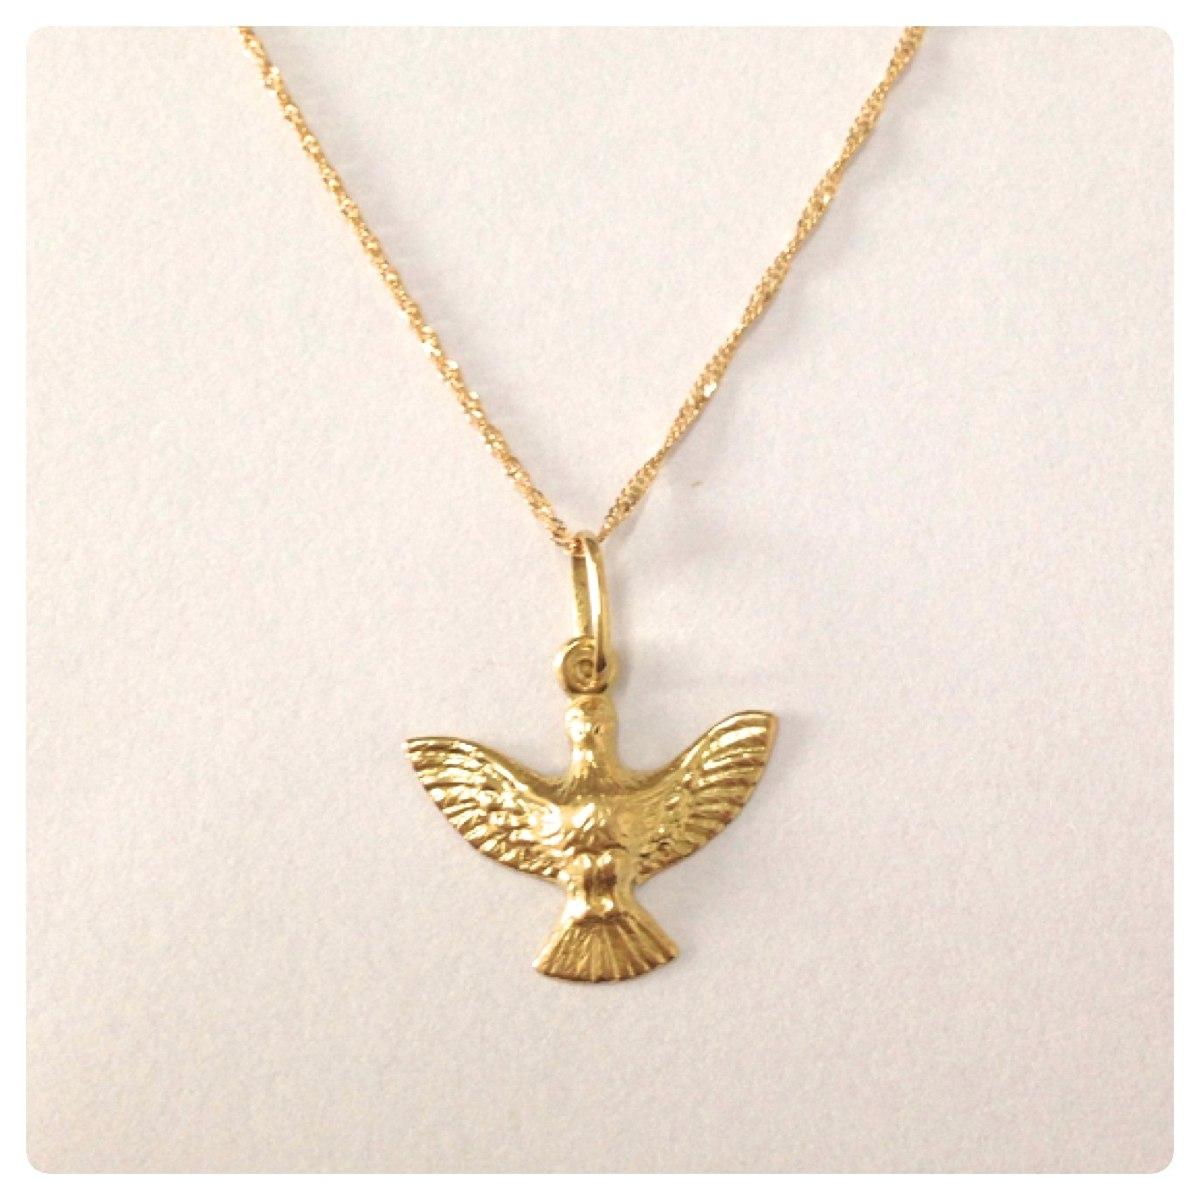 ac6022e1dcd1e ouro 18k cordão feminina 50cm pingente divino espirito santo. Carregando  zoom.